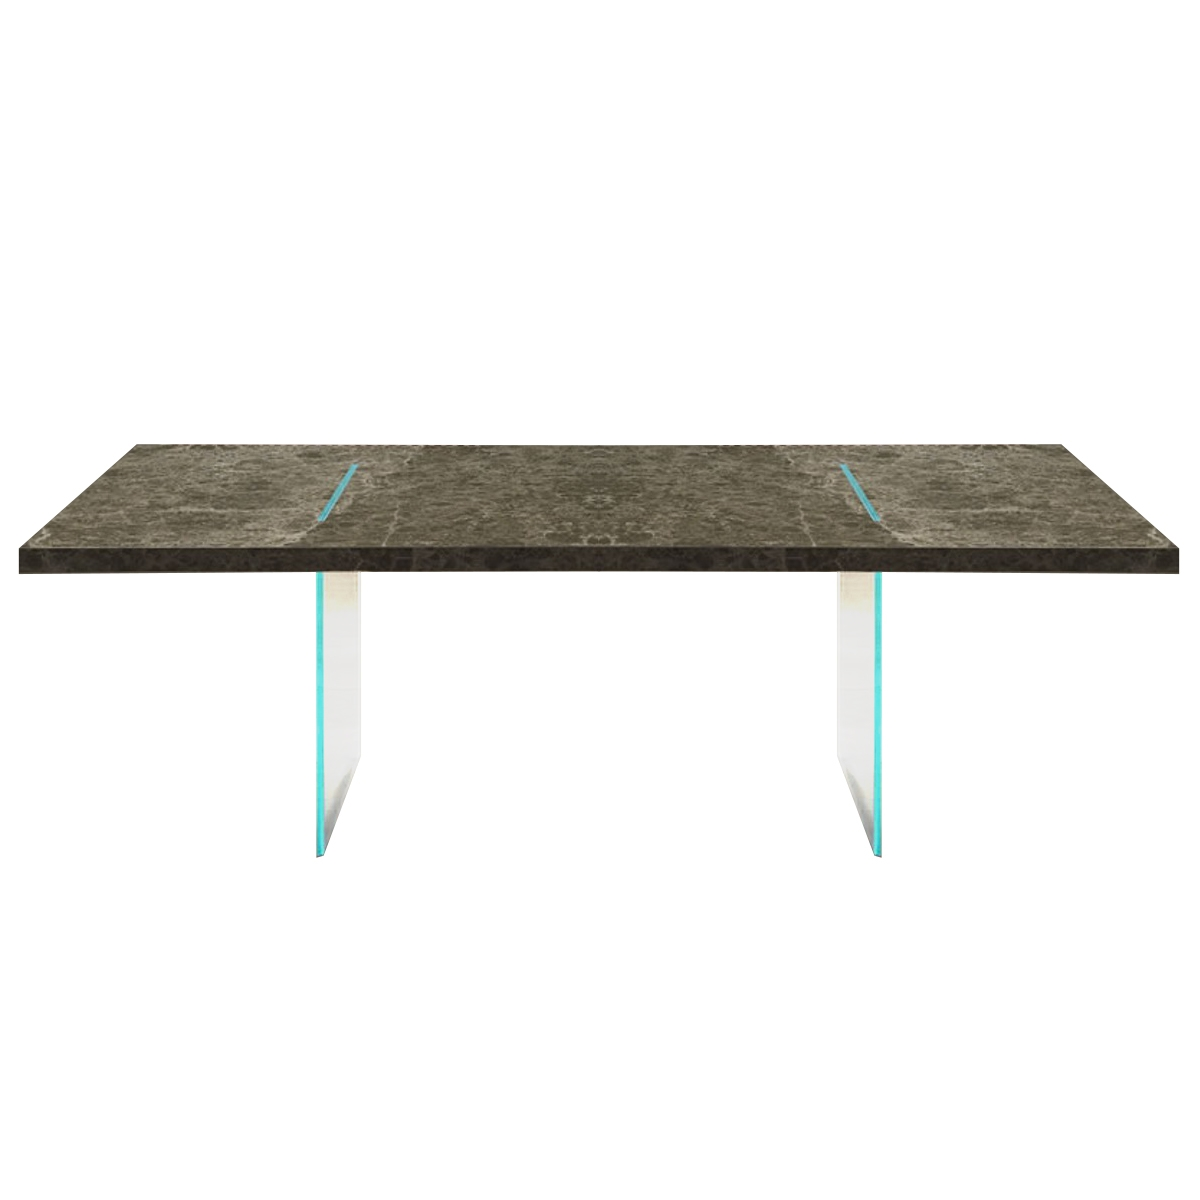 TONELLI jídelní stoly Tavolante Ceramic (240 x 100 cm)